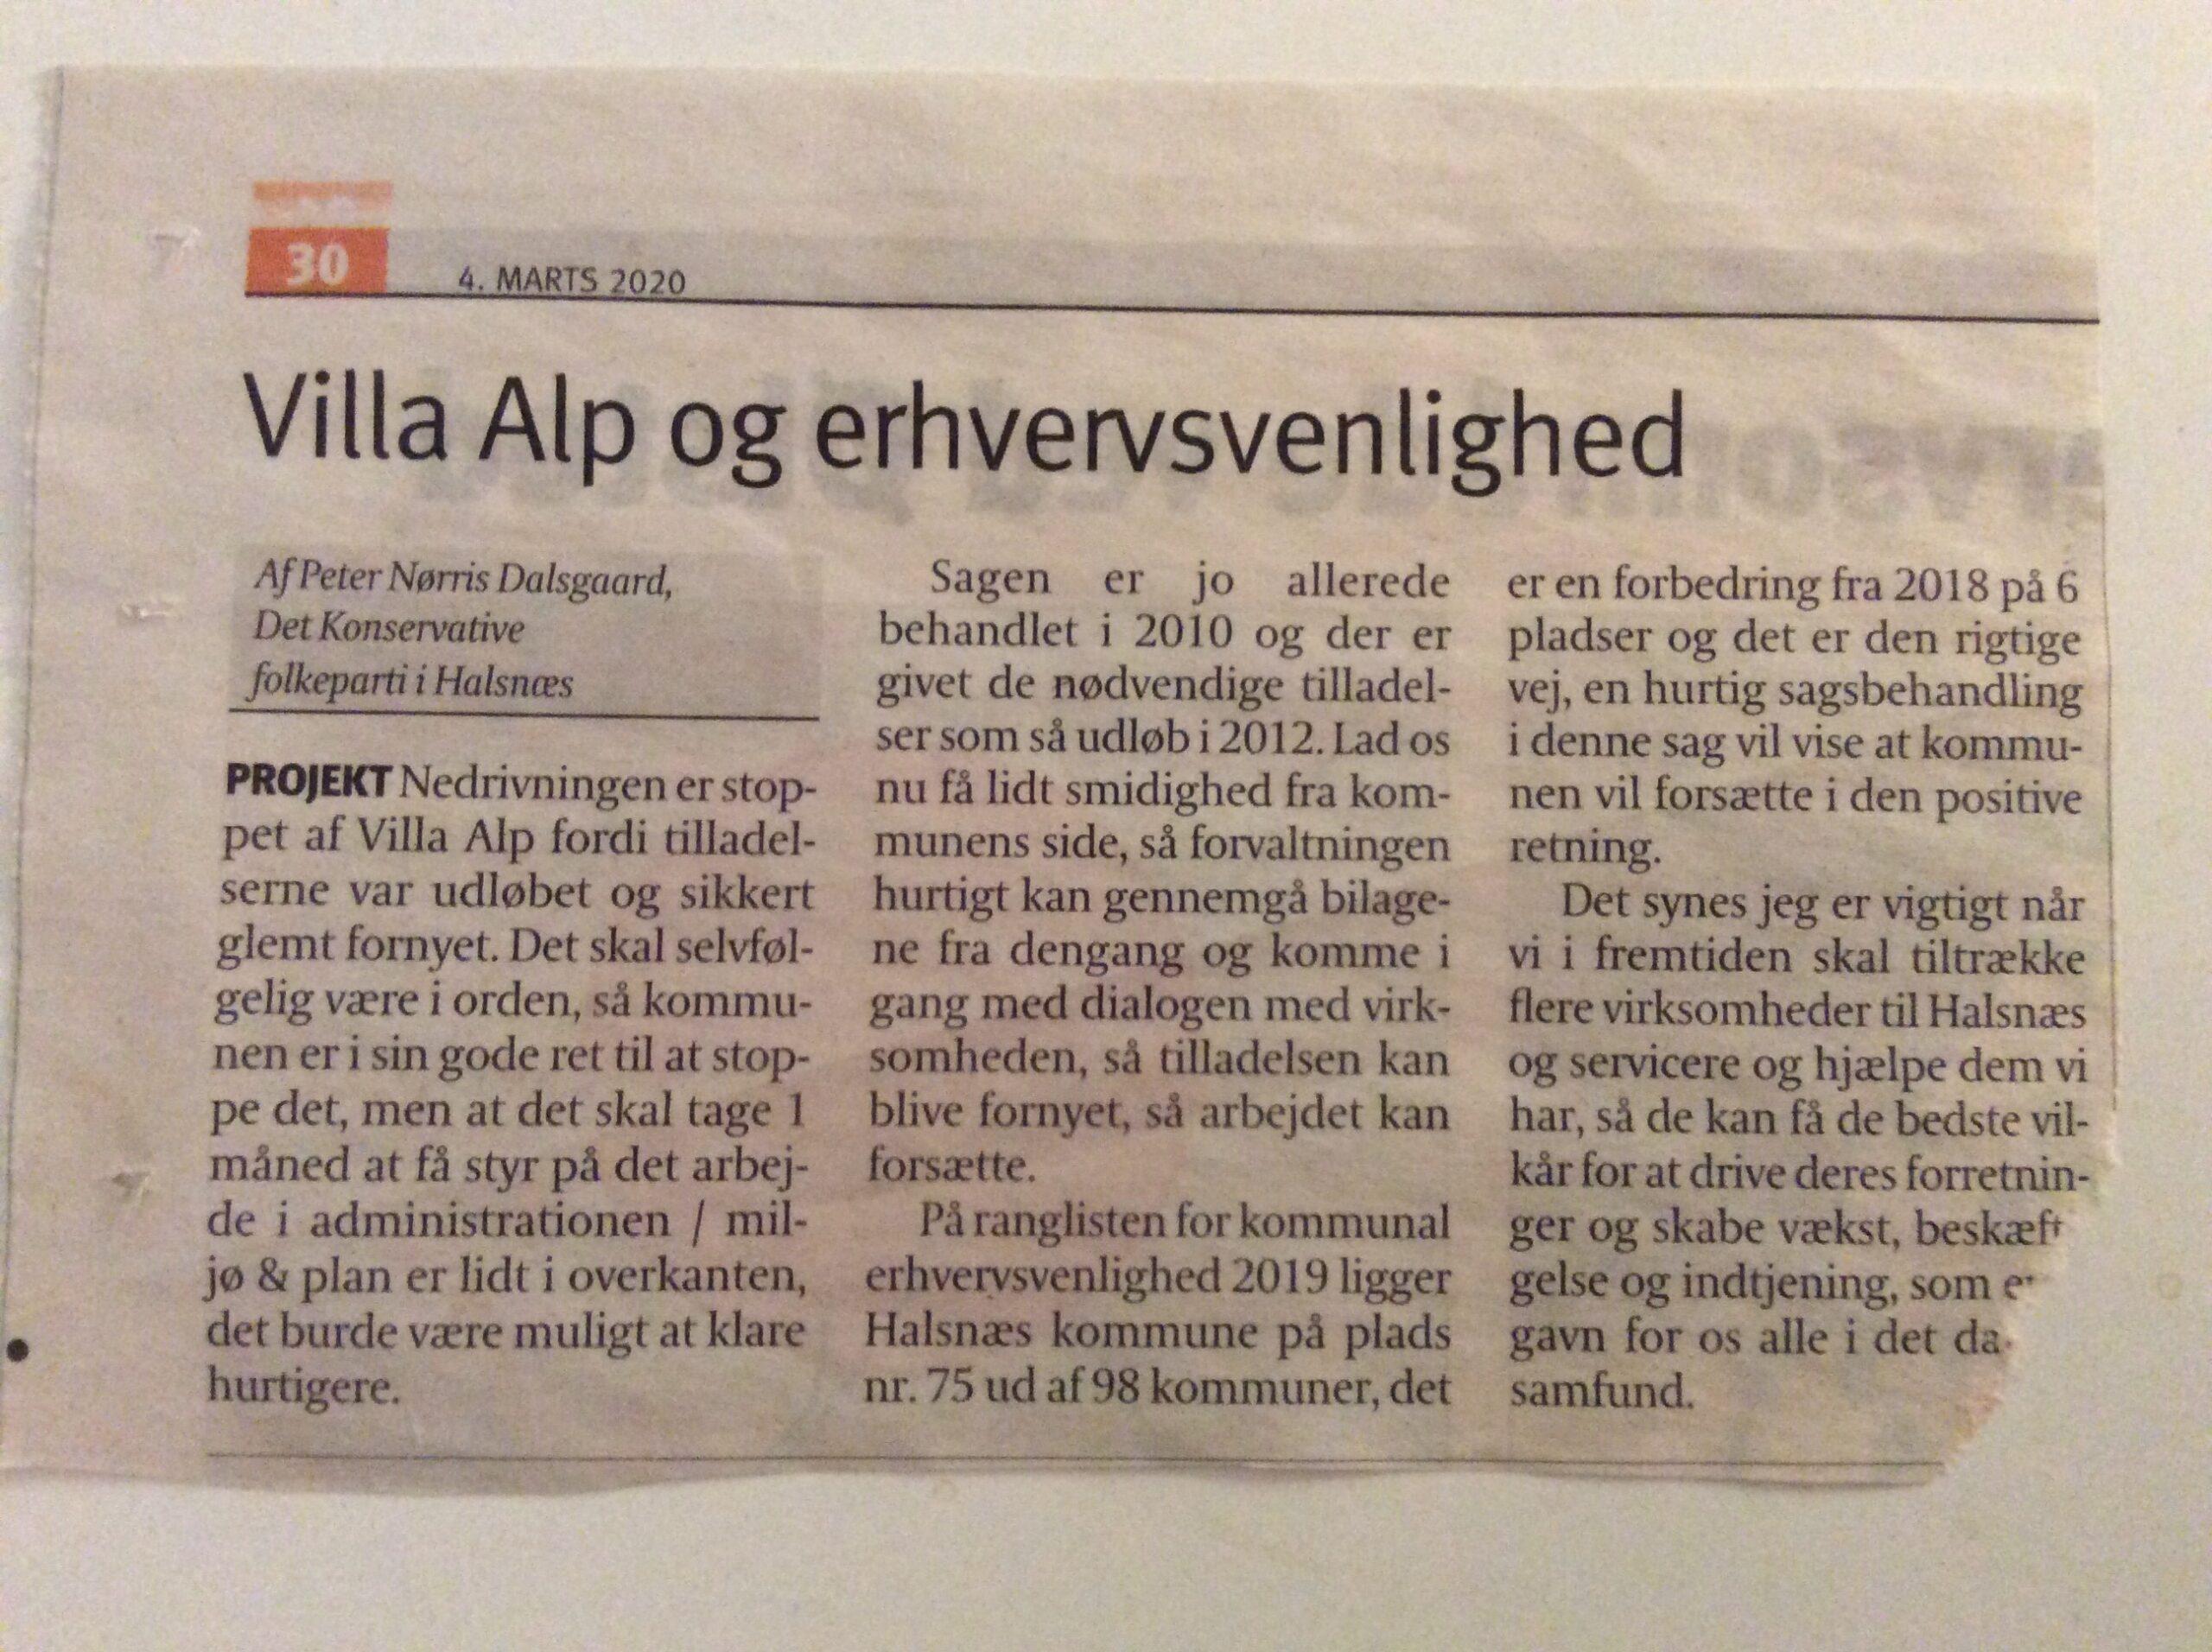 Villa Alp og Erhvervsvenlighed